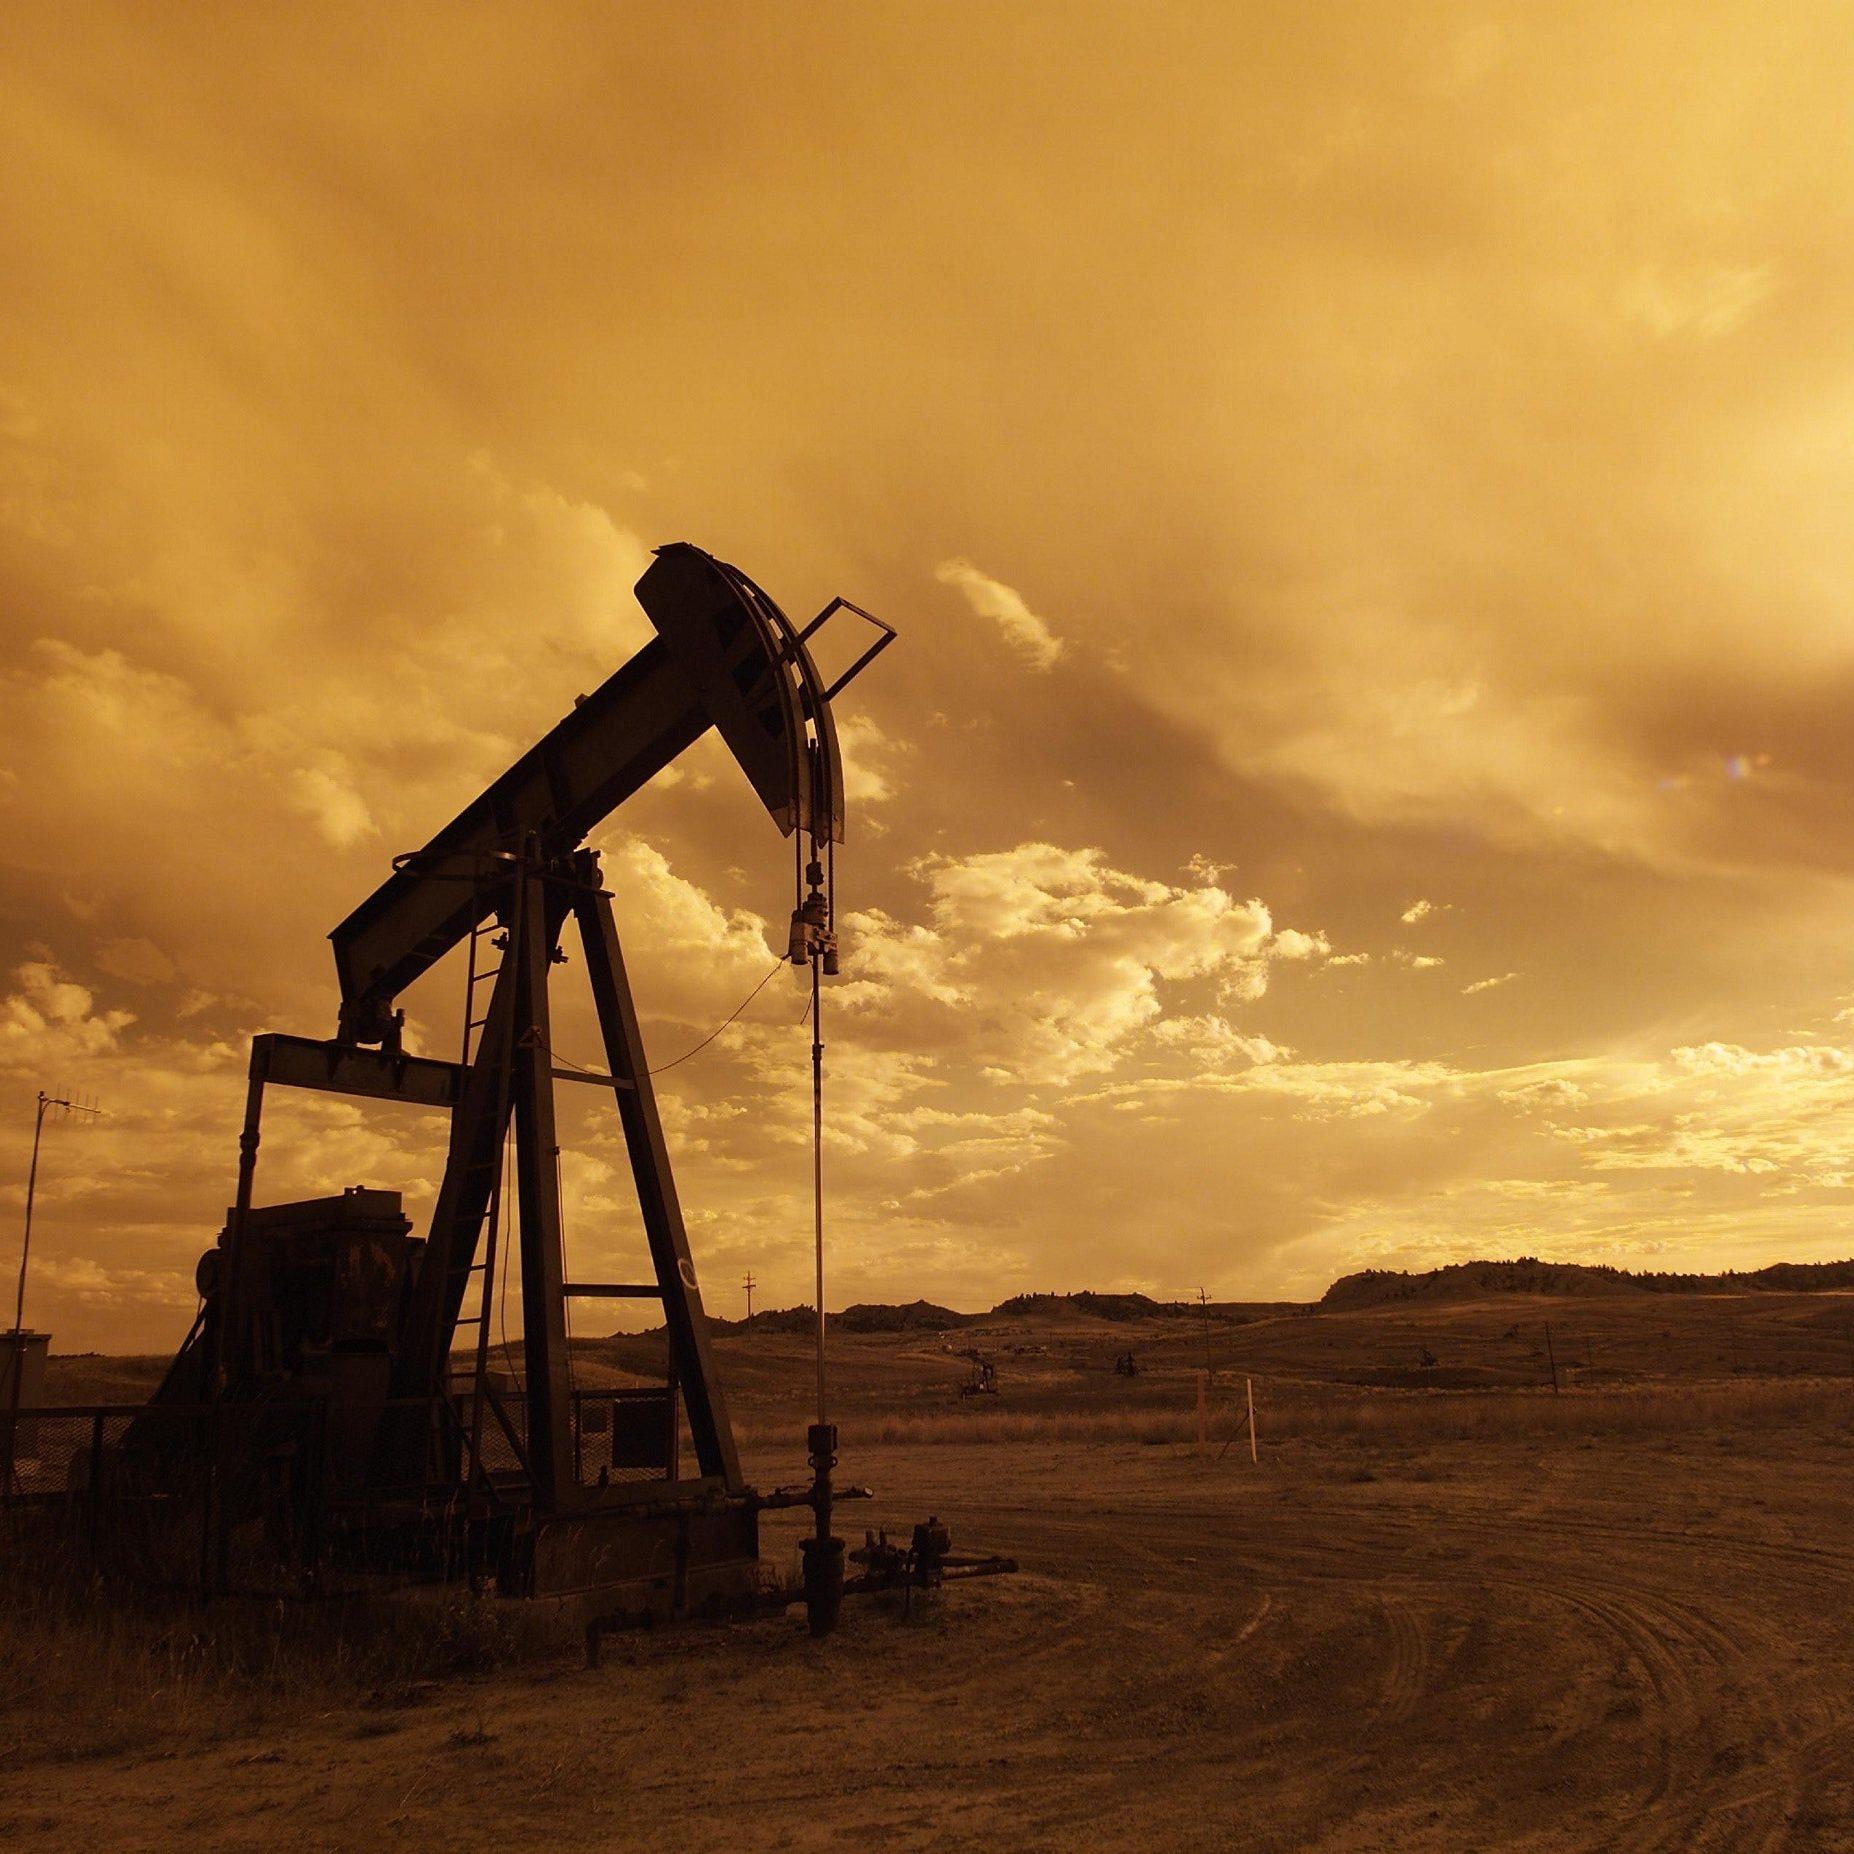 HOPPFULLT OM OLJA: Peak Oil numera en verklighet